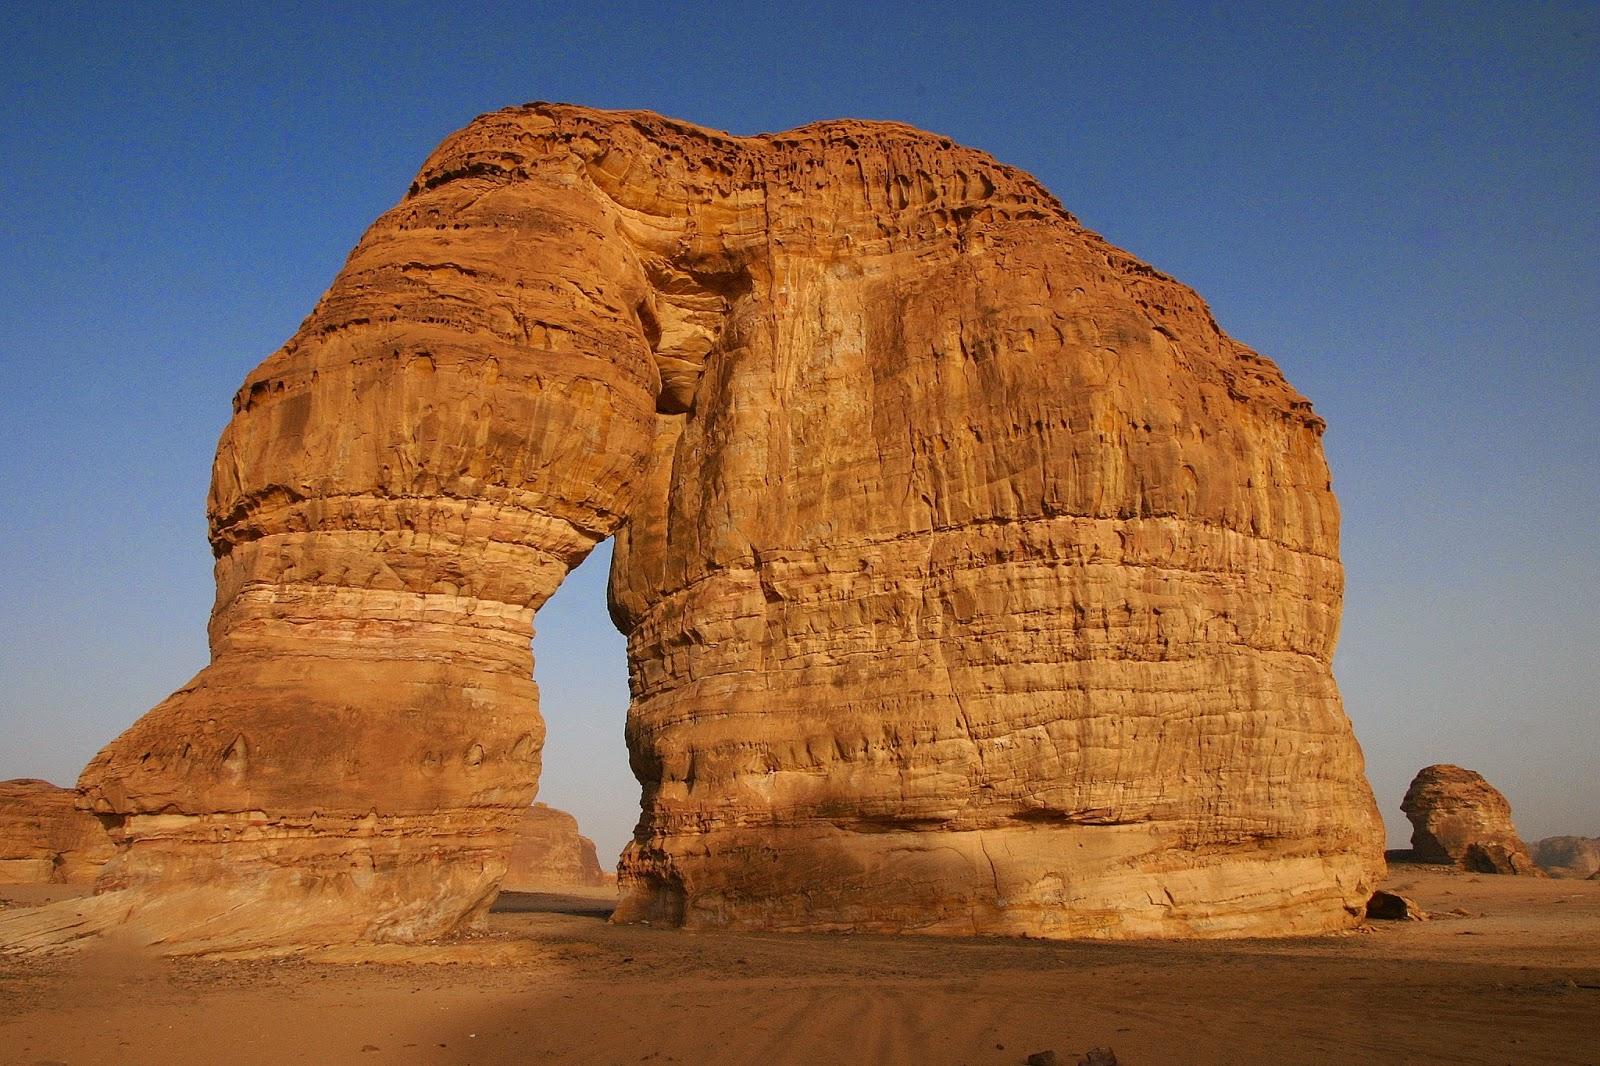 Al Ula Saudi Arabia  city images : Tour Operators in Riyadh, Saudi Arabia ~ Life in Saudi Arabia